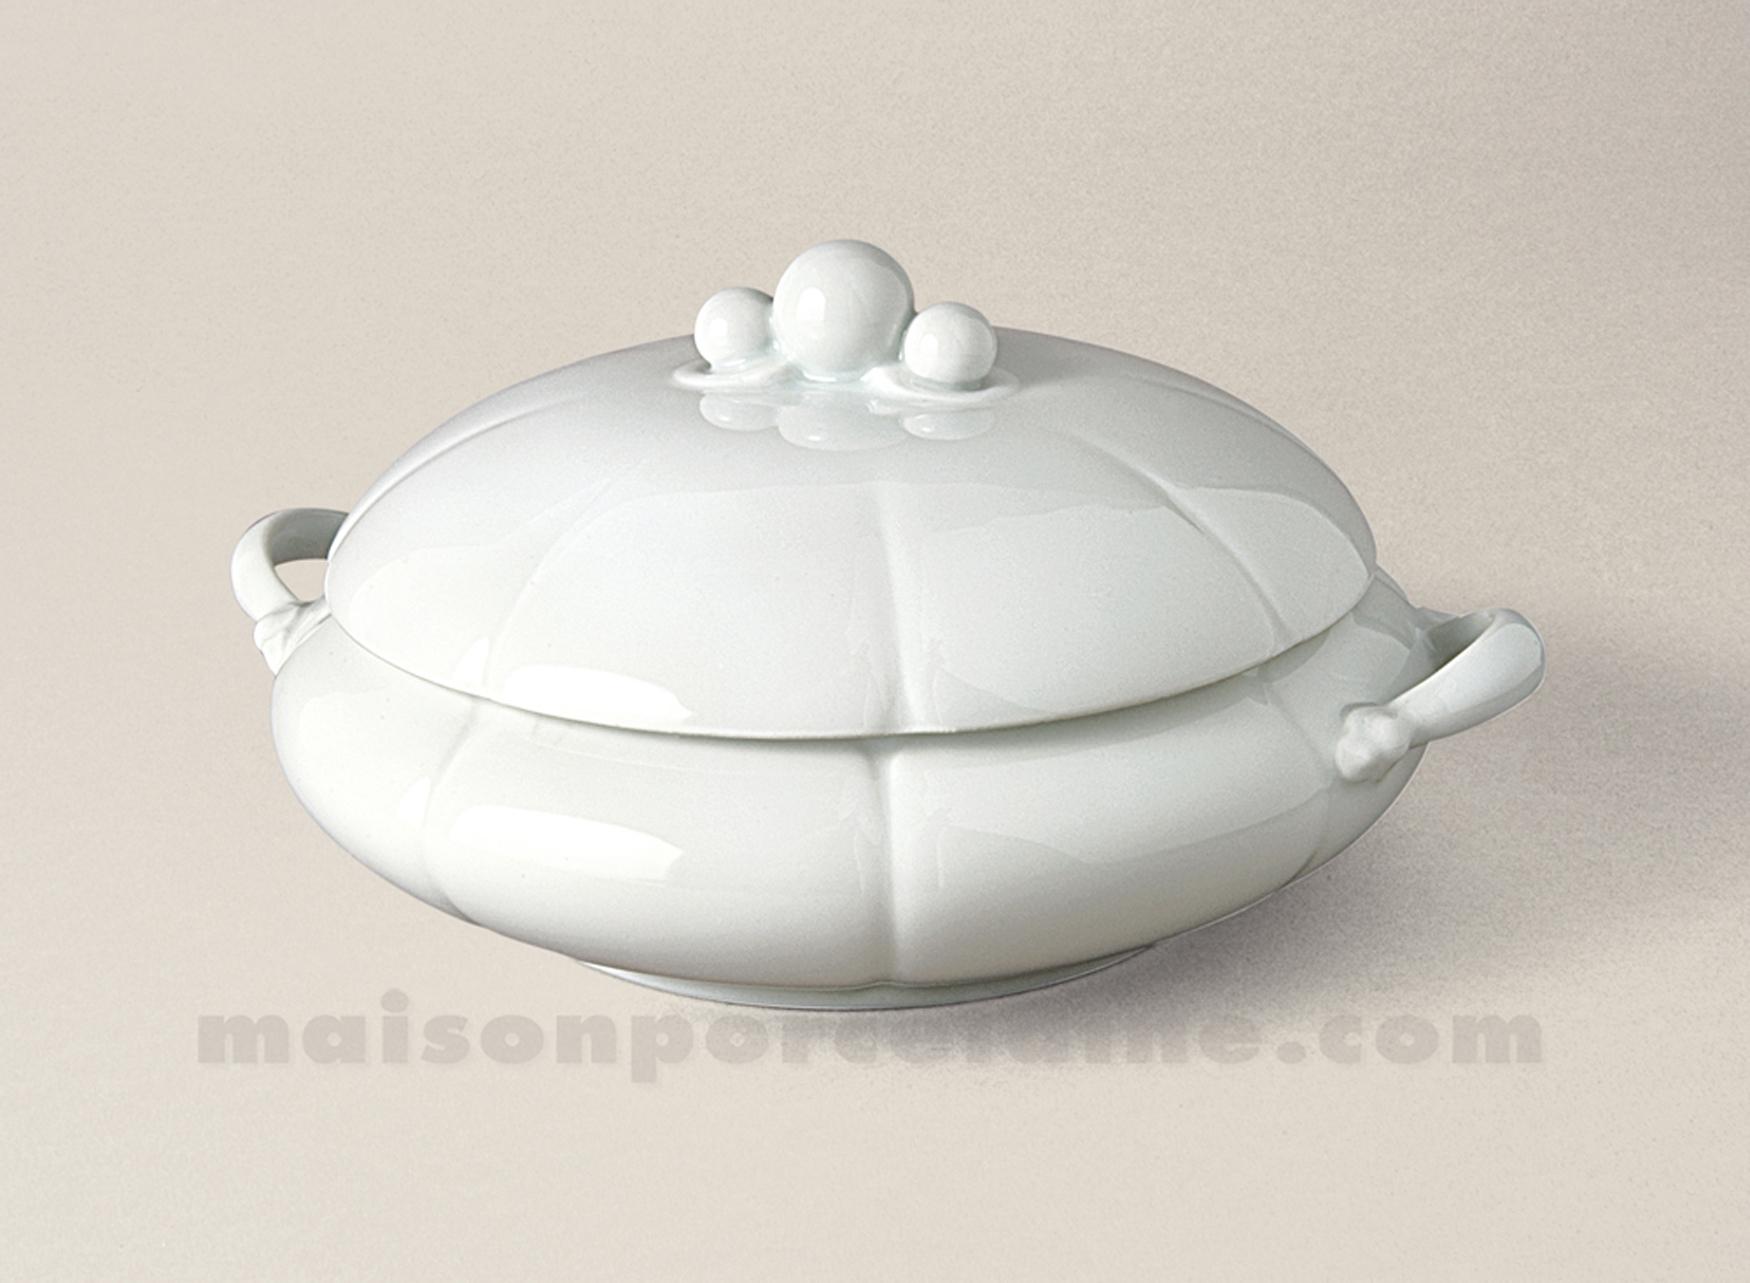 Legumier limoges porcelaine blanche nymphea 26x12 1 2l for Maison de la porcelaine